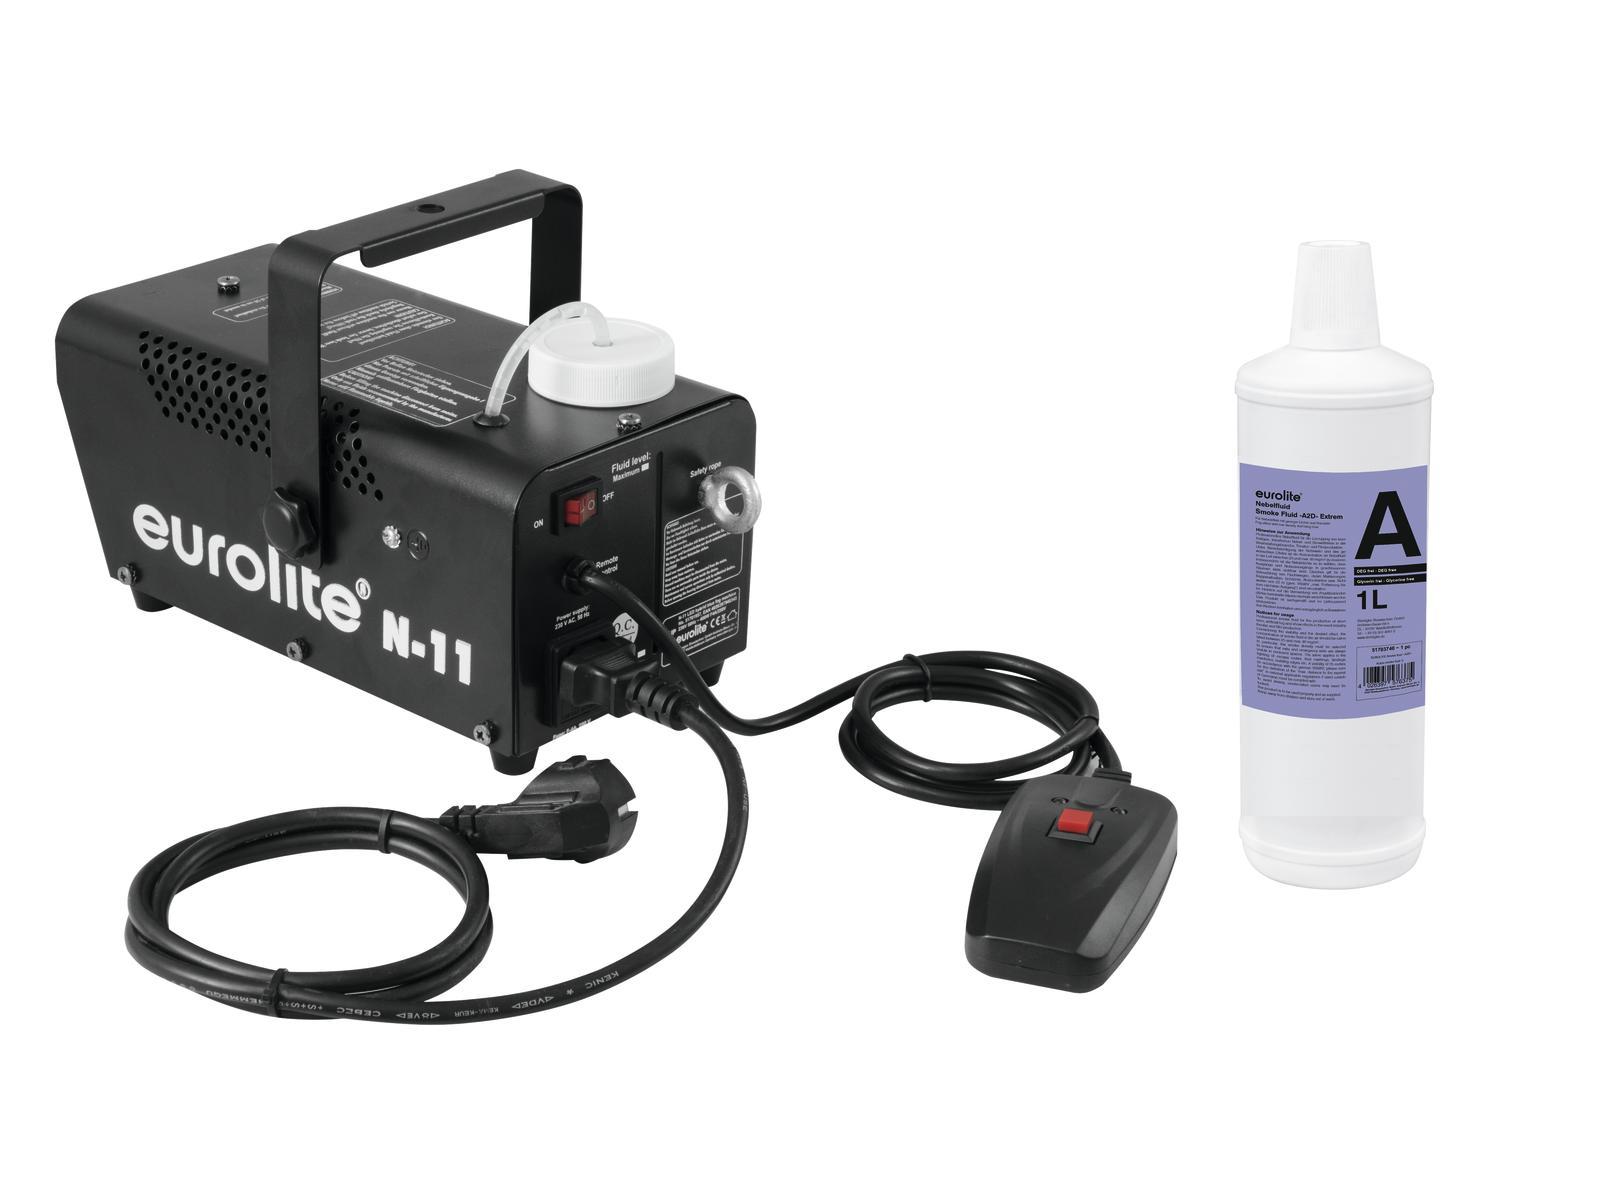 EUROLITE N Set-11 LED Hybrid blue fog machine + A2D Azione di fumo